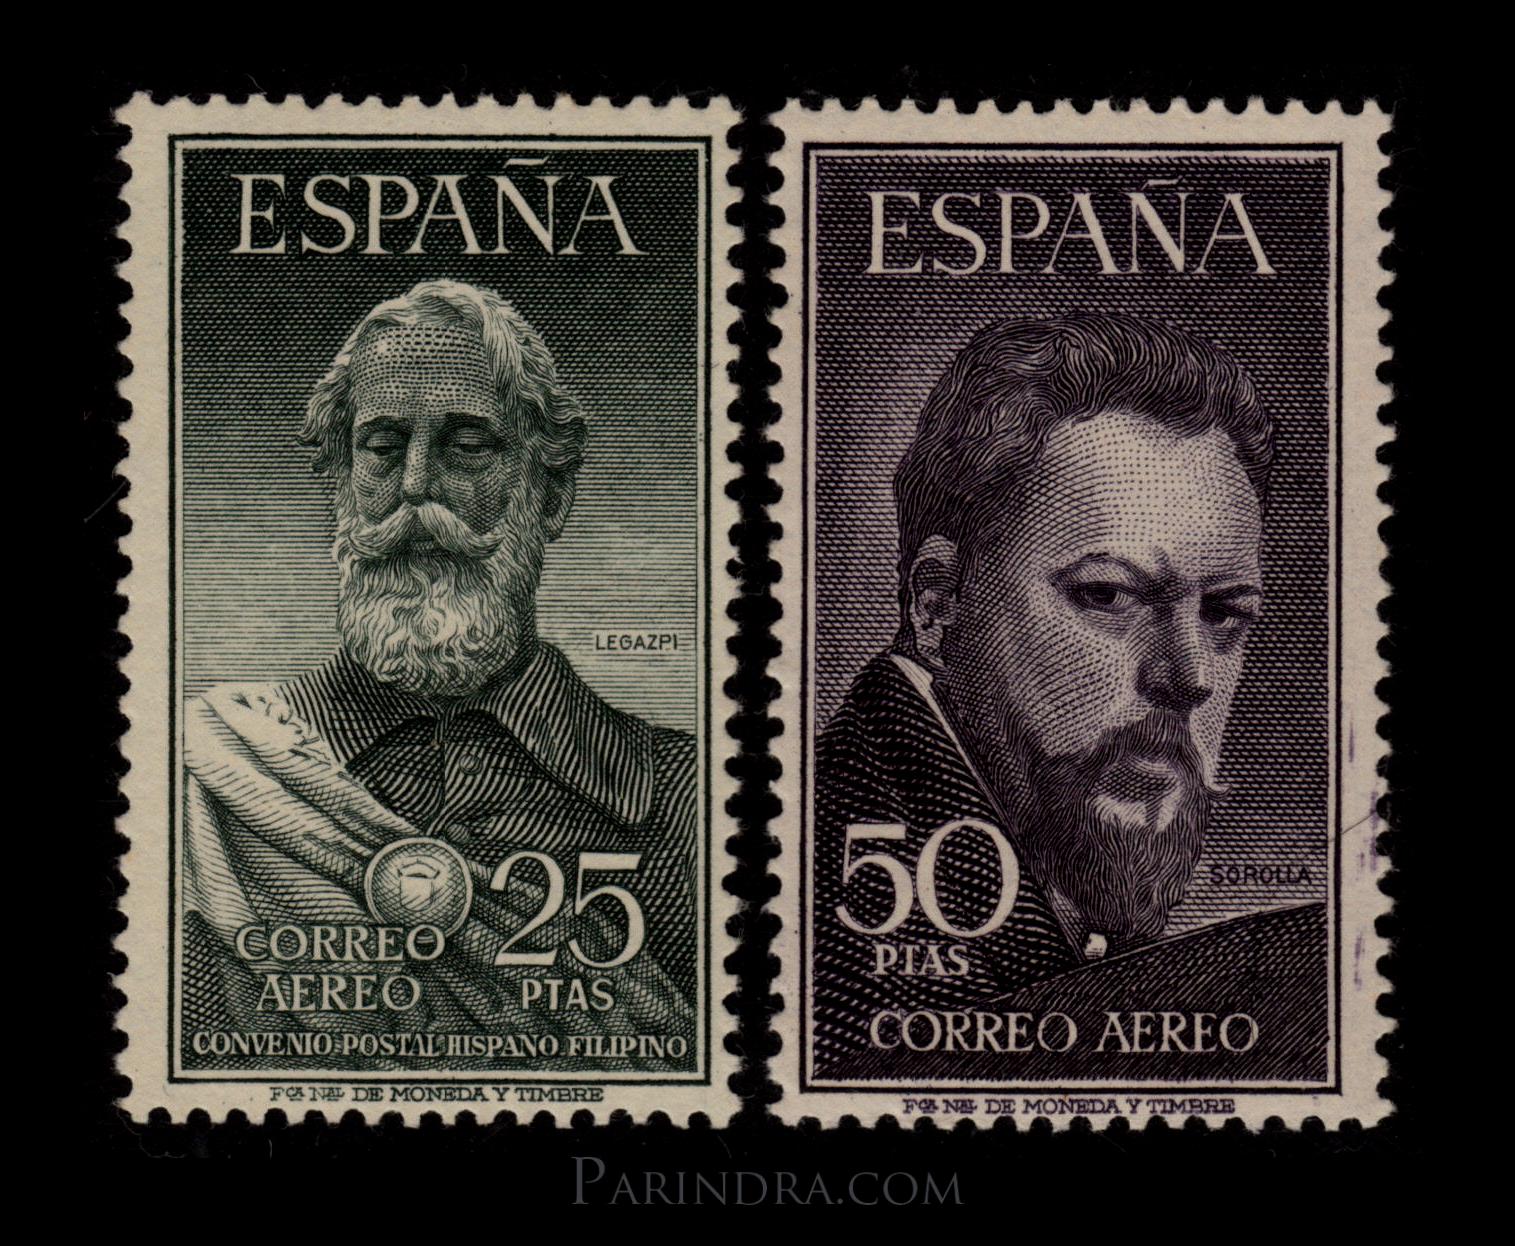 แสตมป์สเปน บุคคลสำคัญ Legazpi y Sorolla ปี 1953 - España Spain